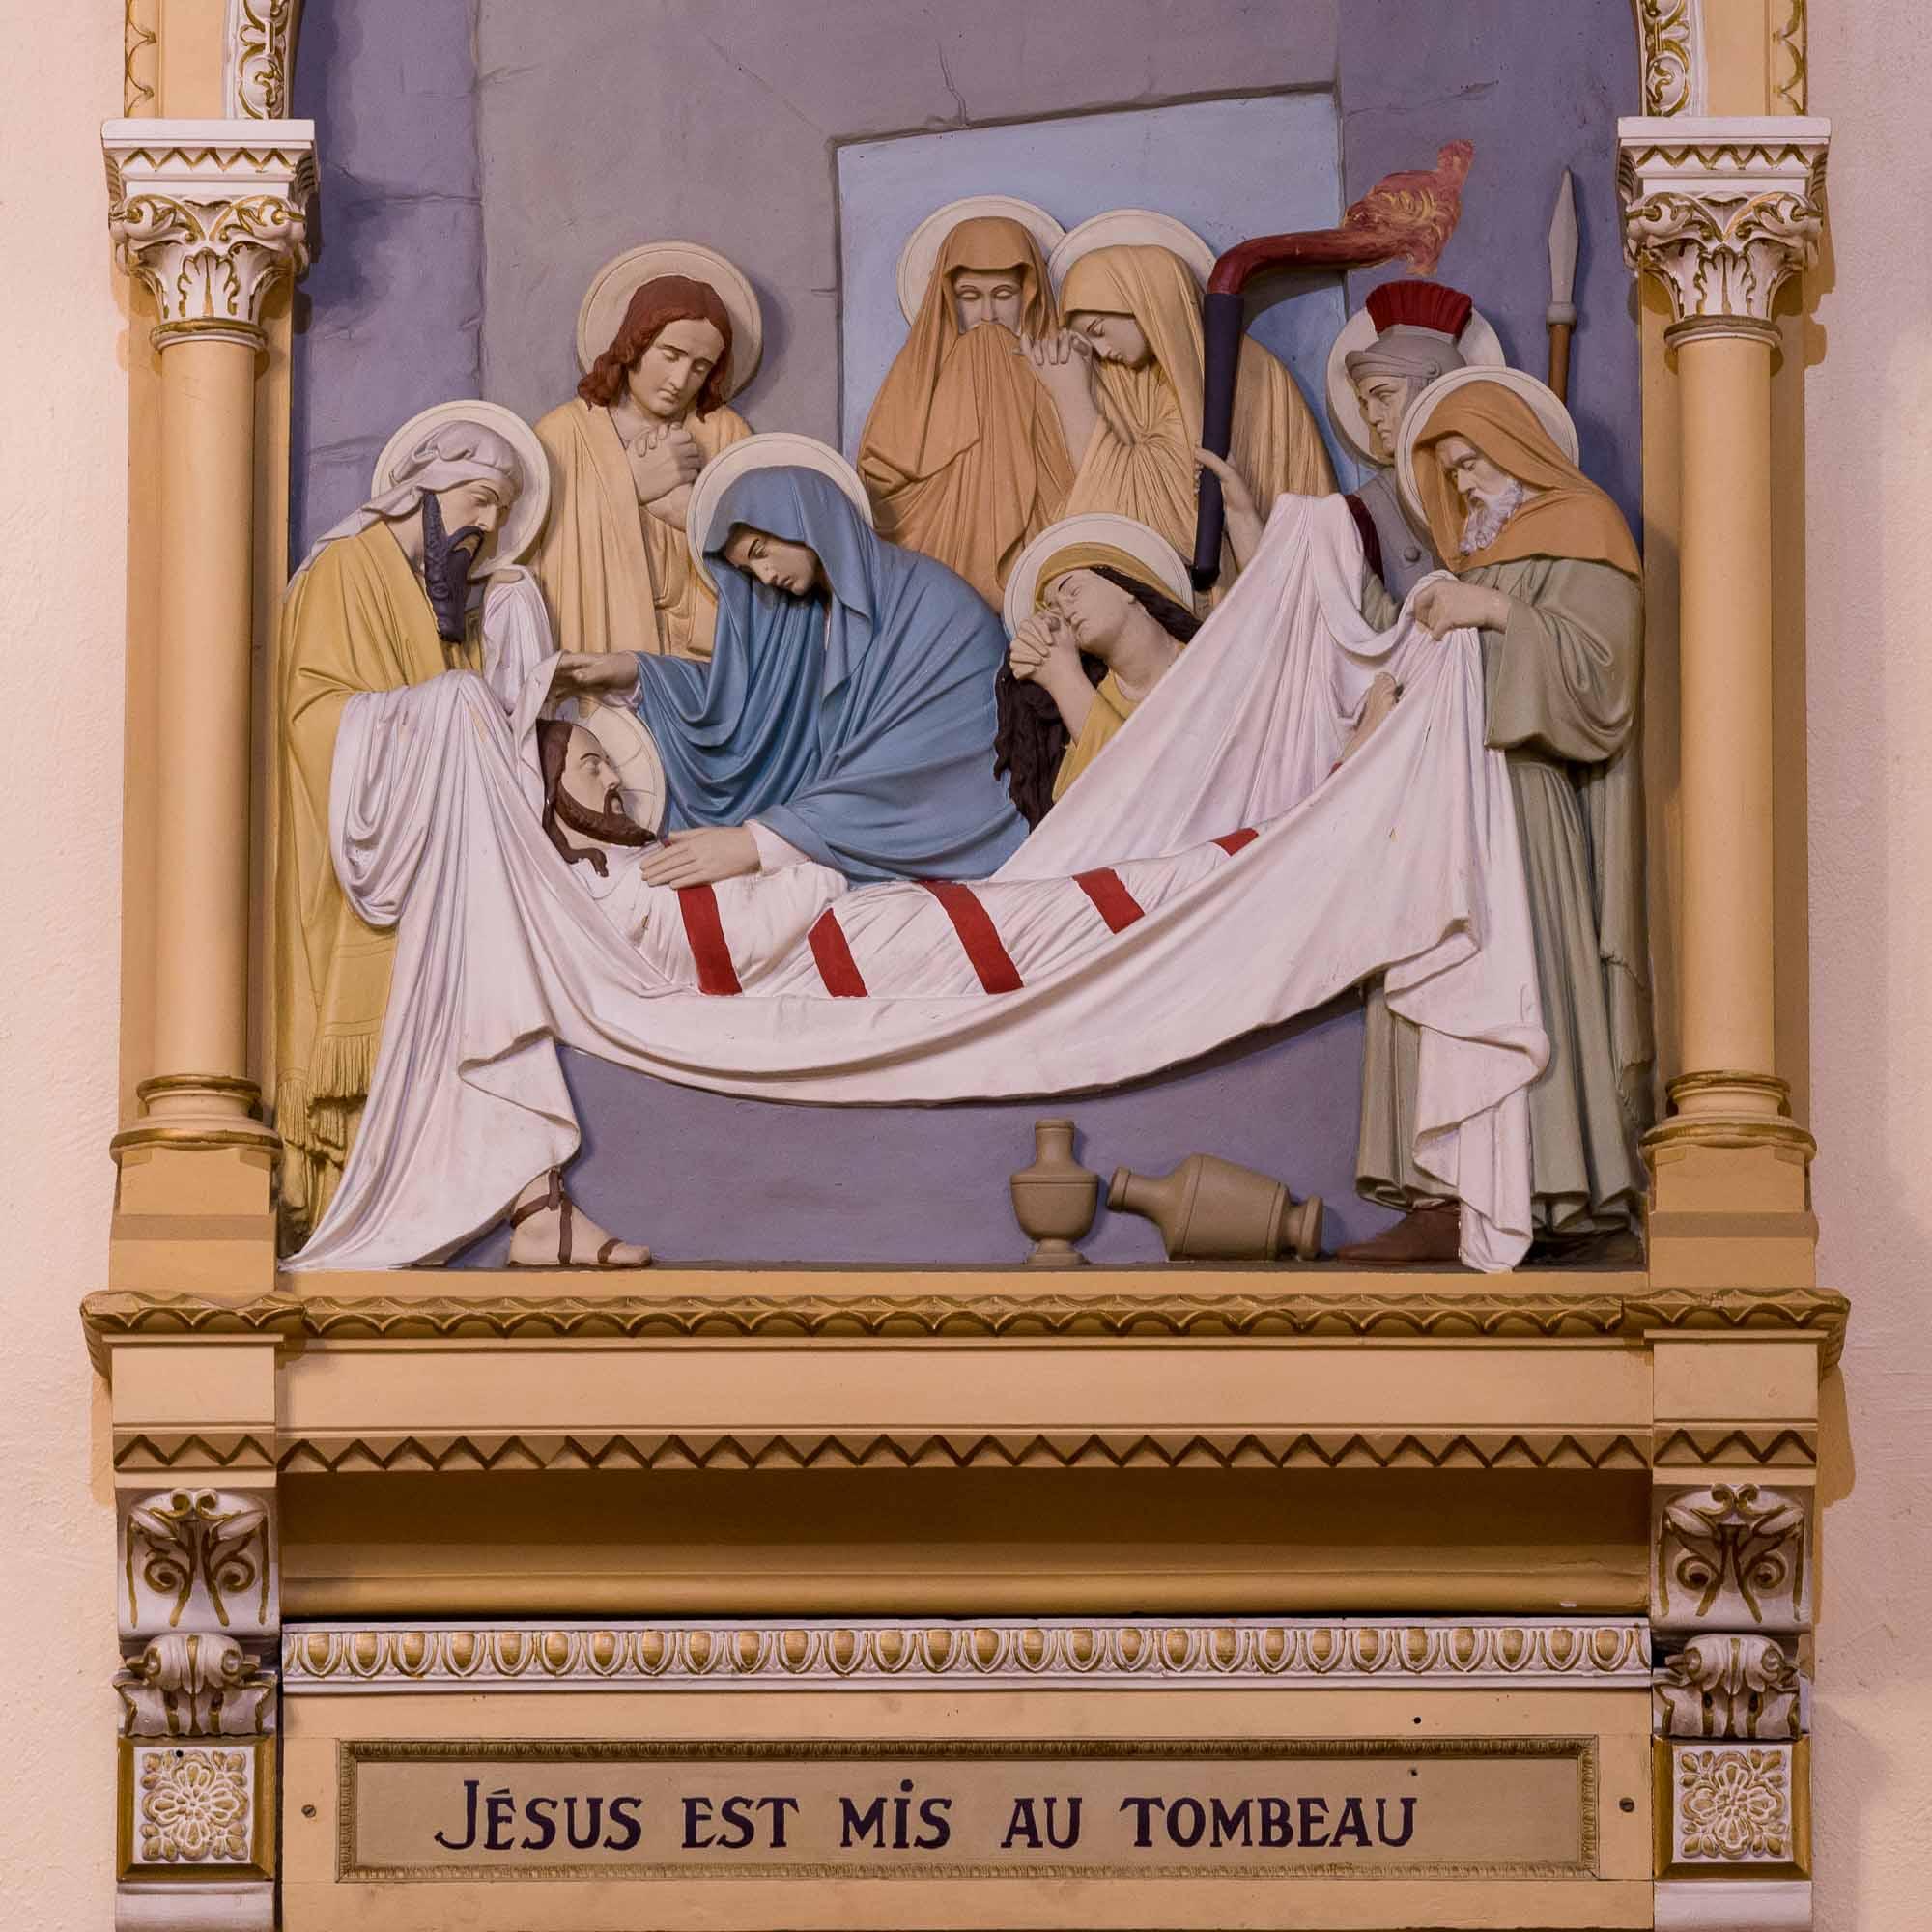 14 chemin de croix cathedrale saint jerome